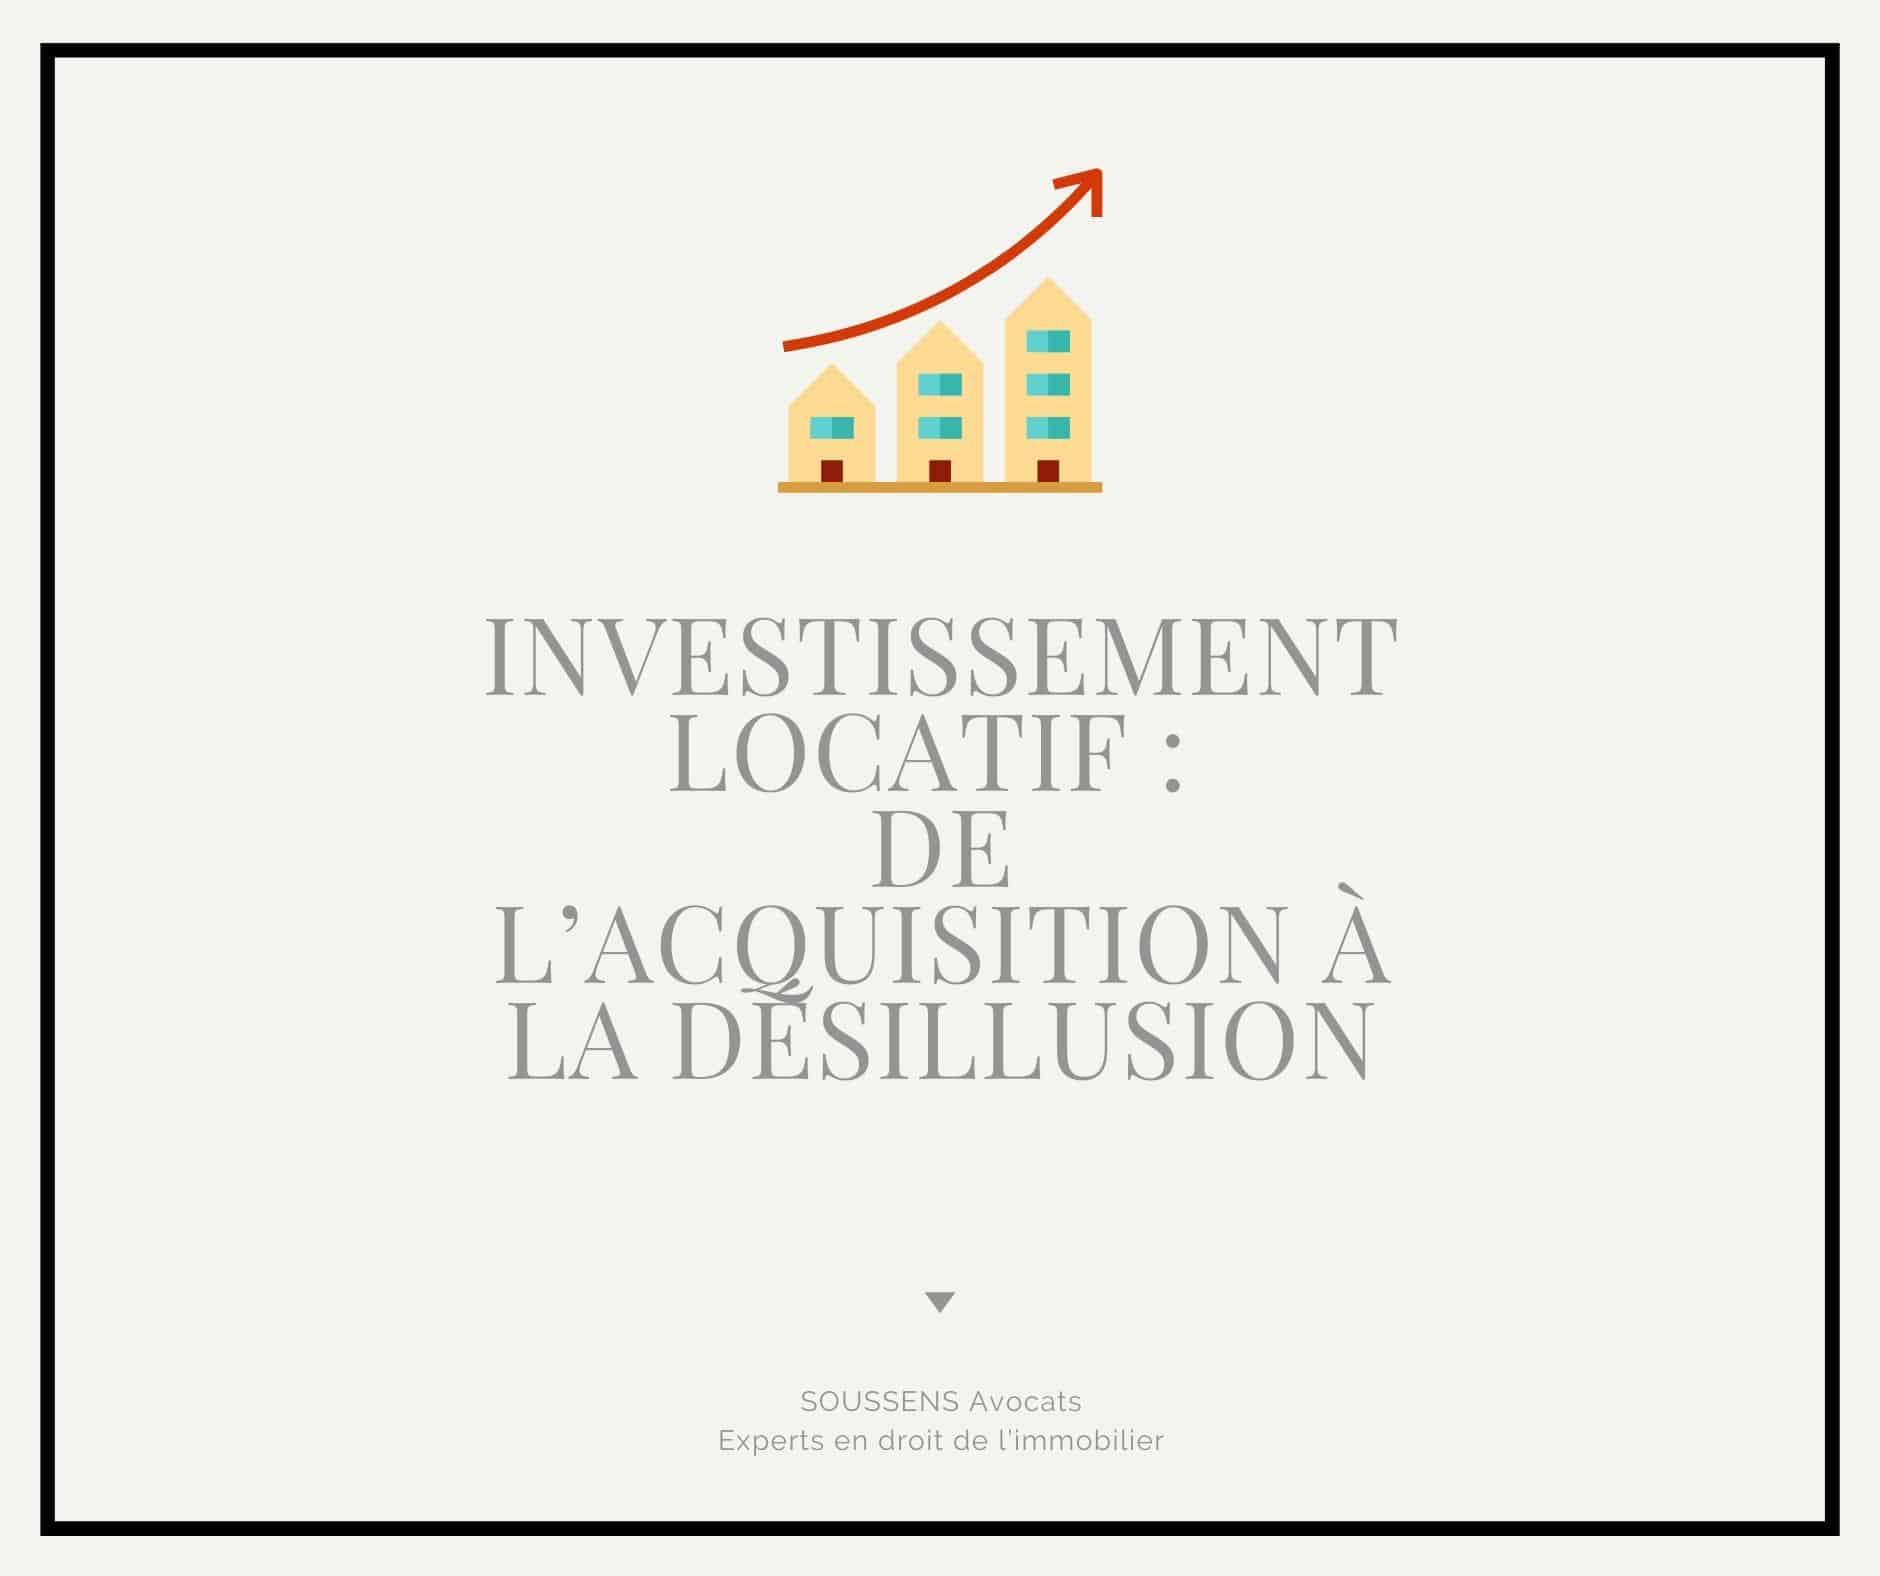 Investissement locatif : de l'acquisition à la désillusion